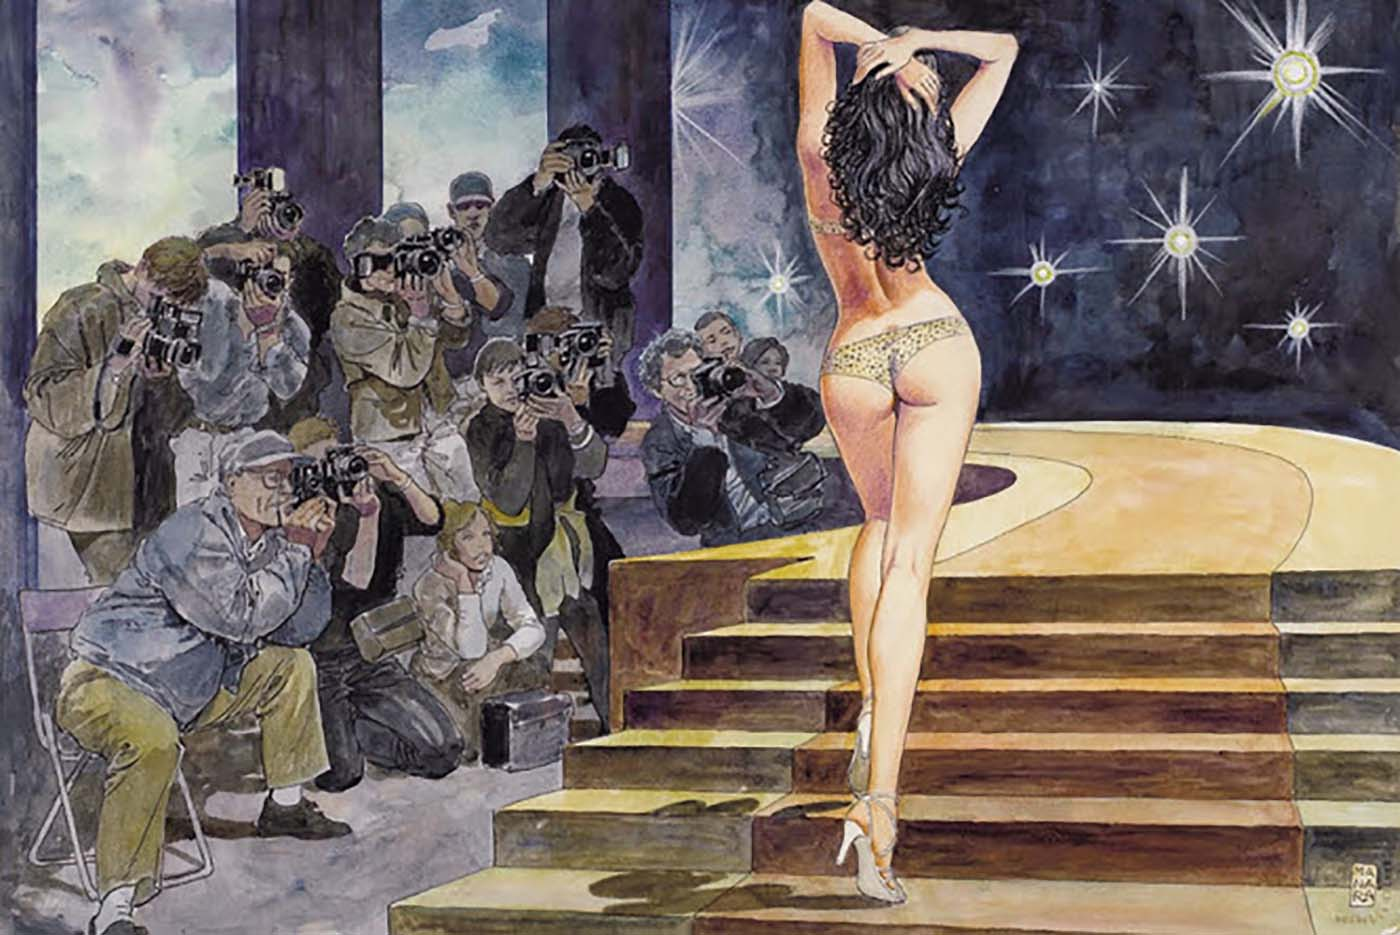 Мило Манара (Milo Manara), Erotic Illustration - 37